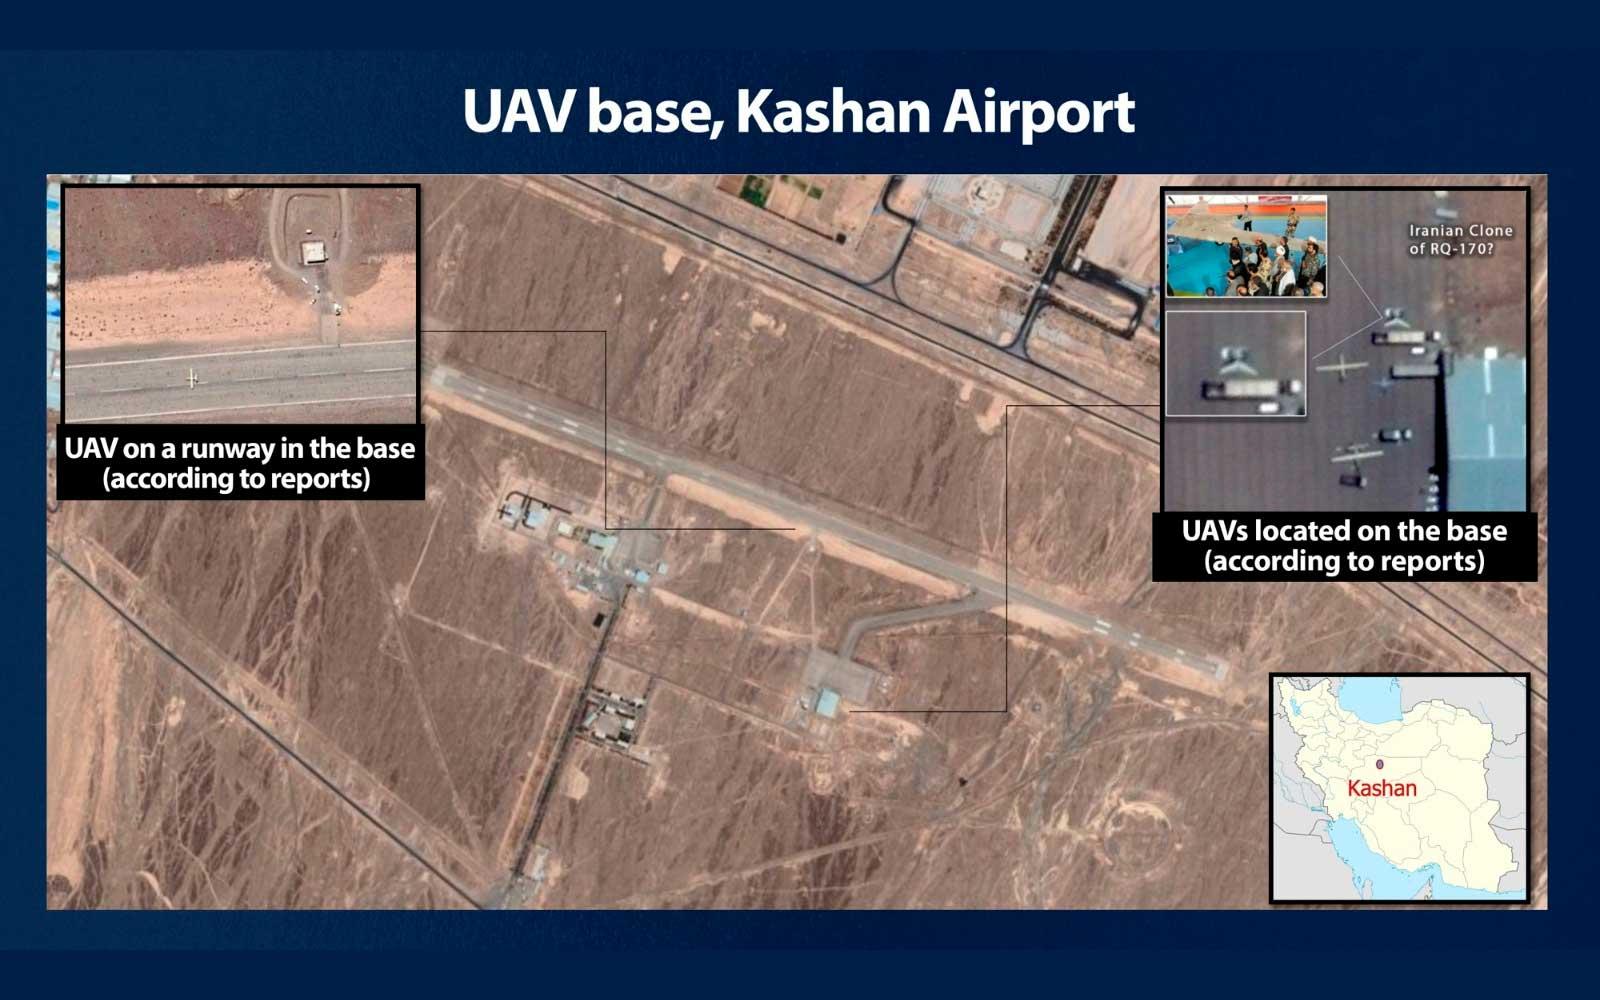 Irán entrena a grupos terroristas para que operen UAVs avanzados